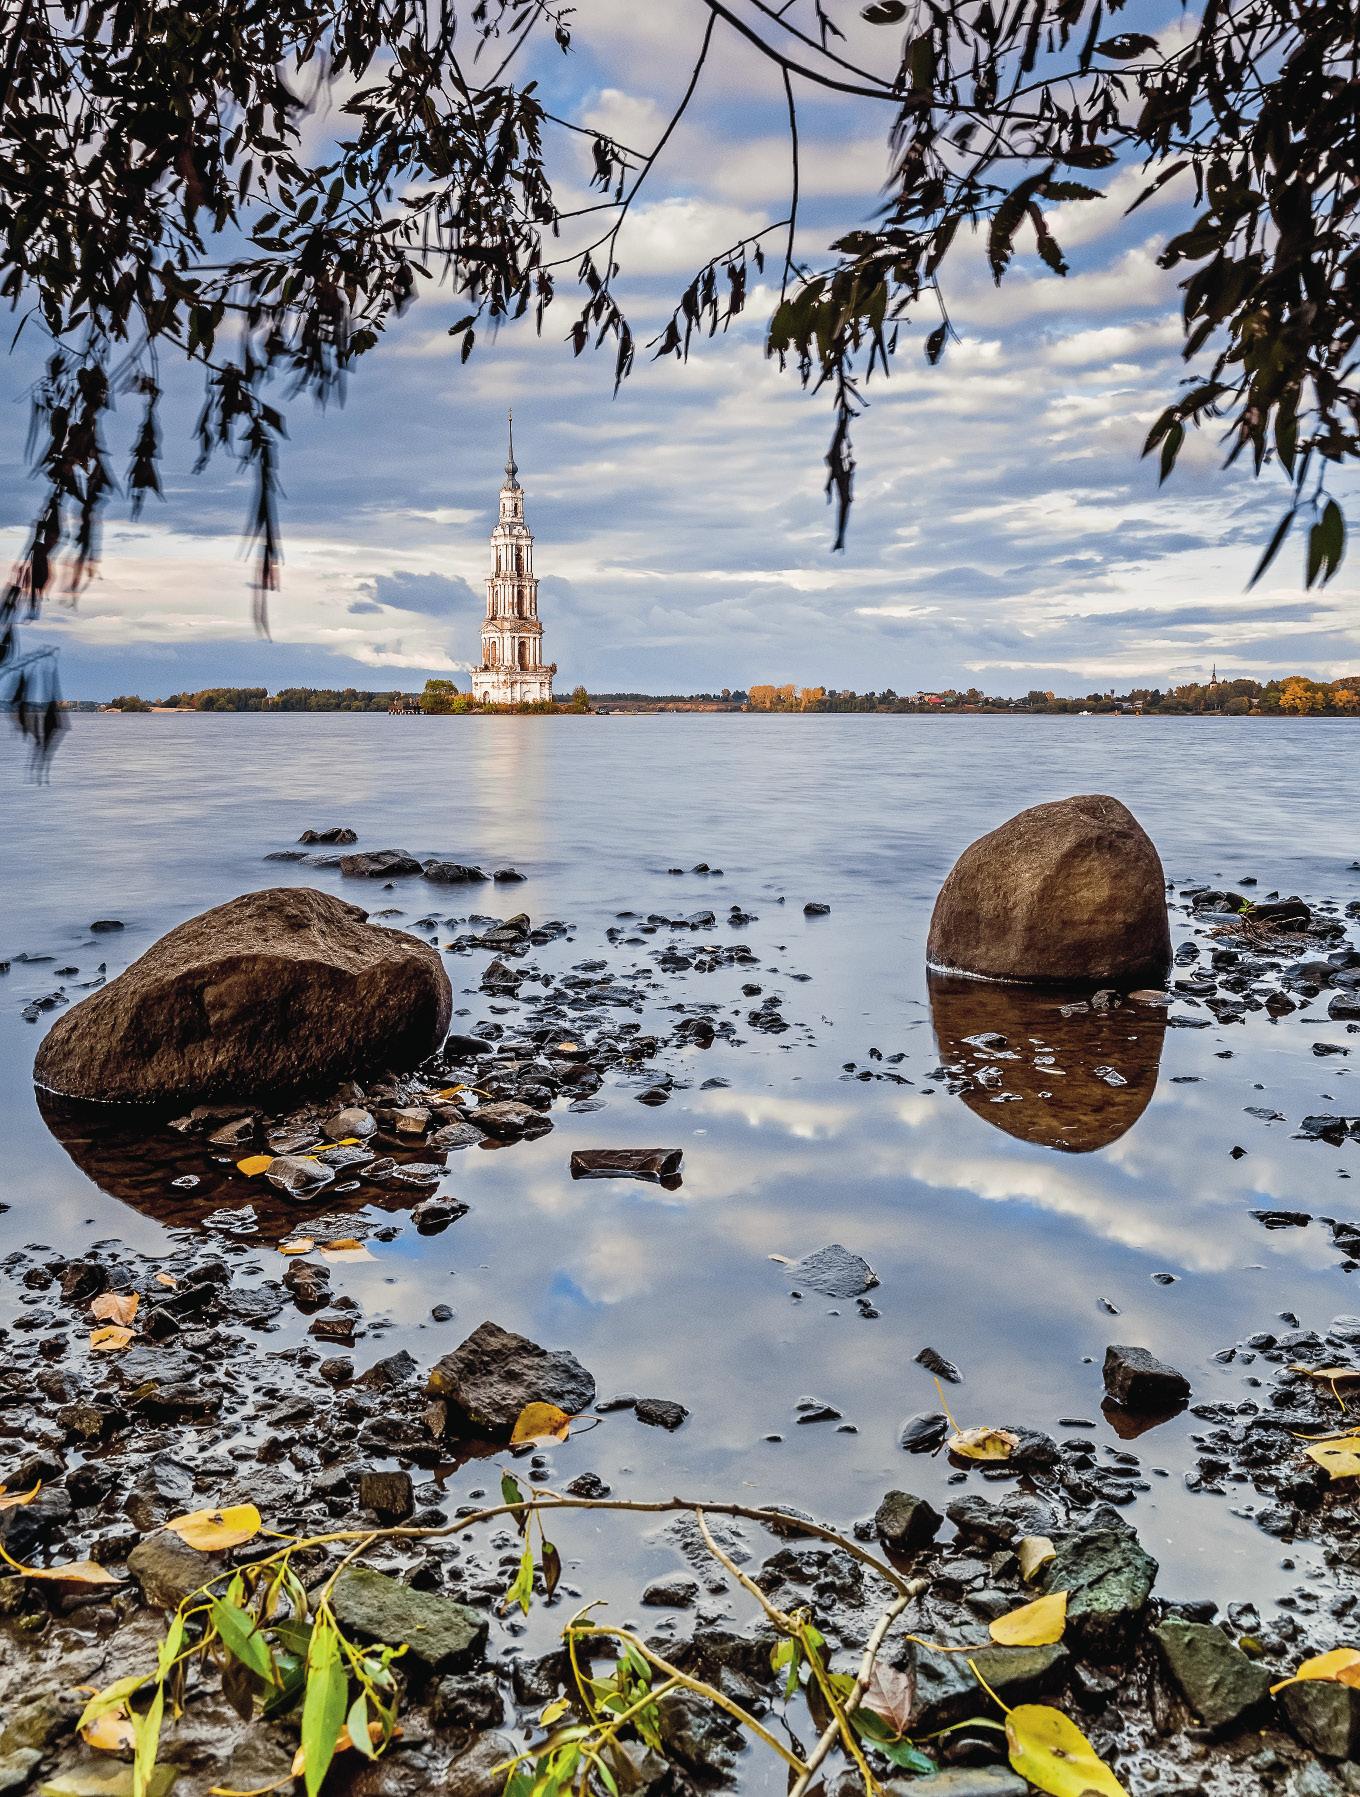 Volga-kalyazin_opt